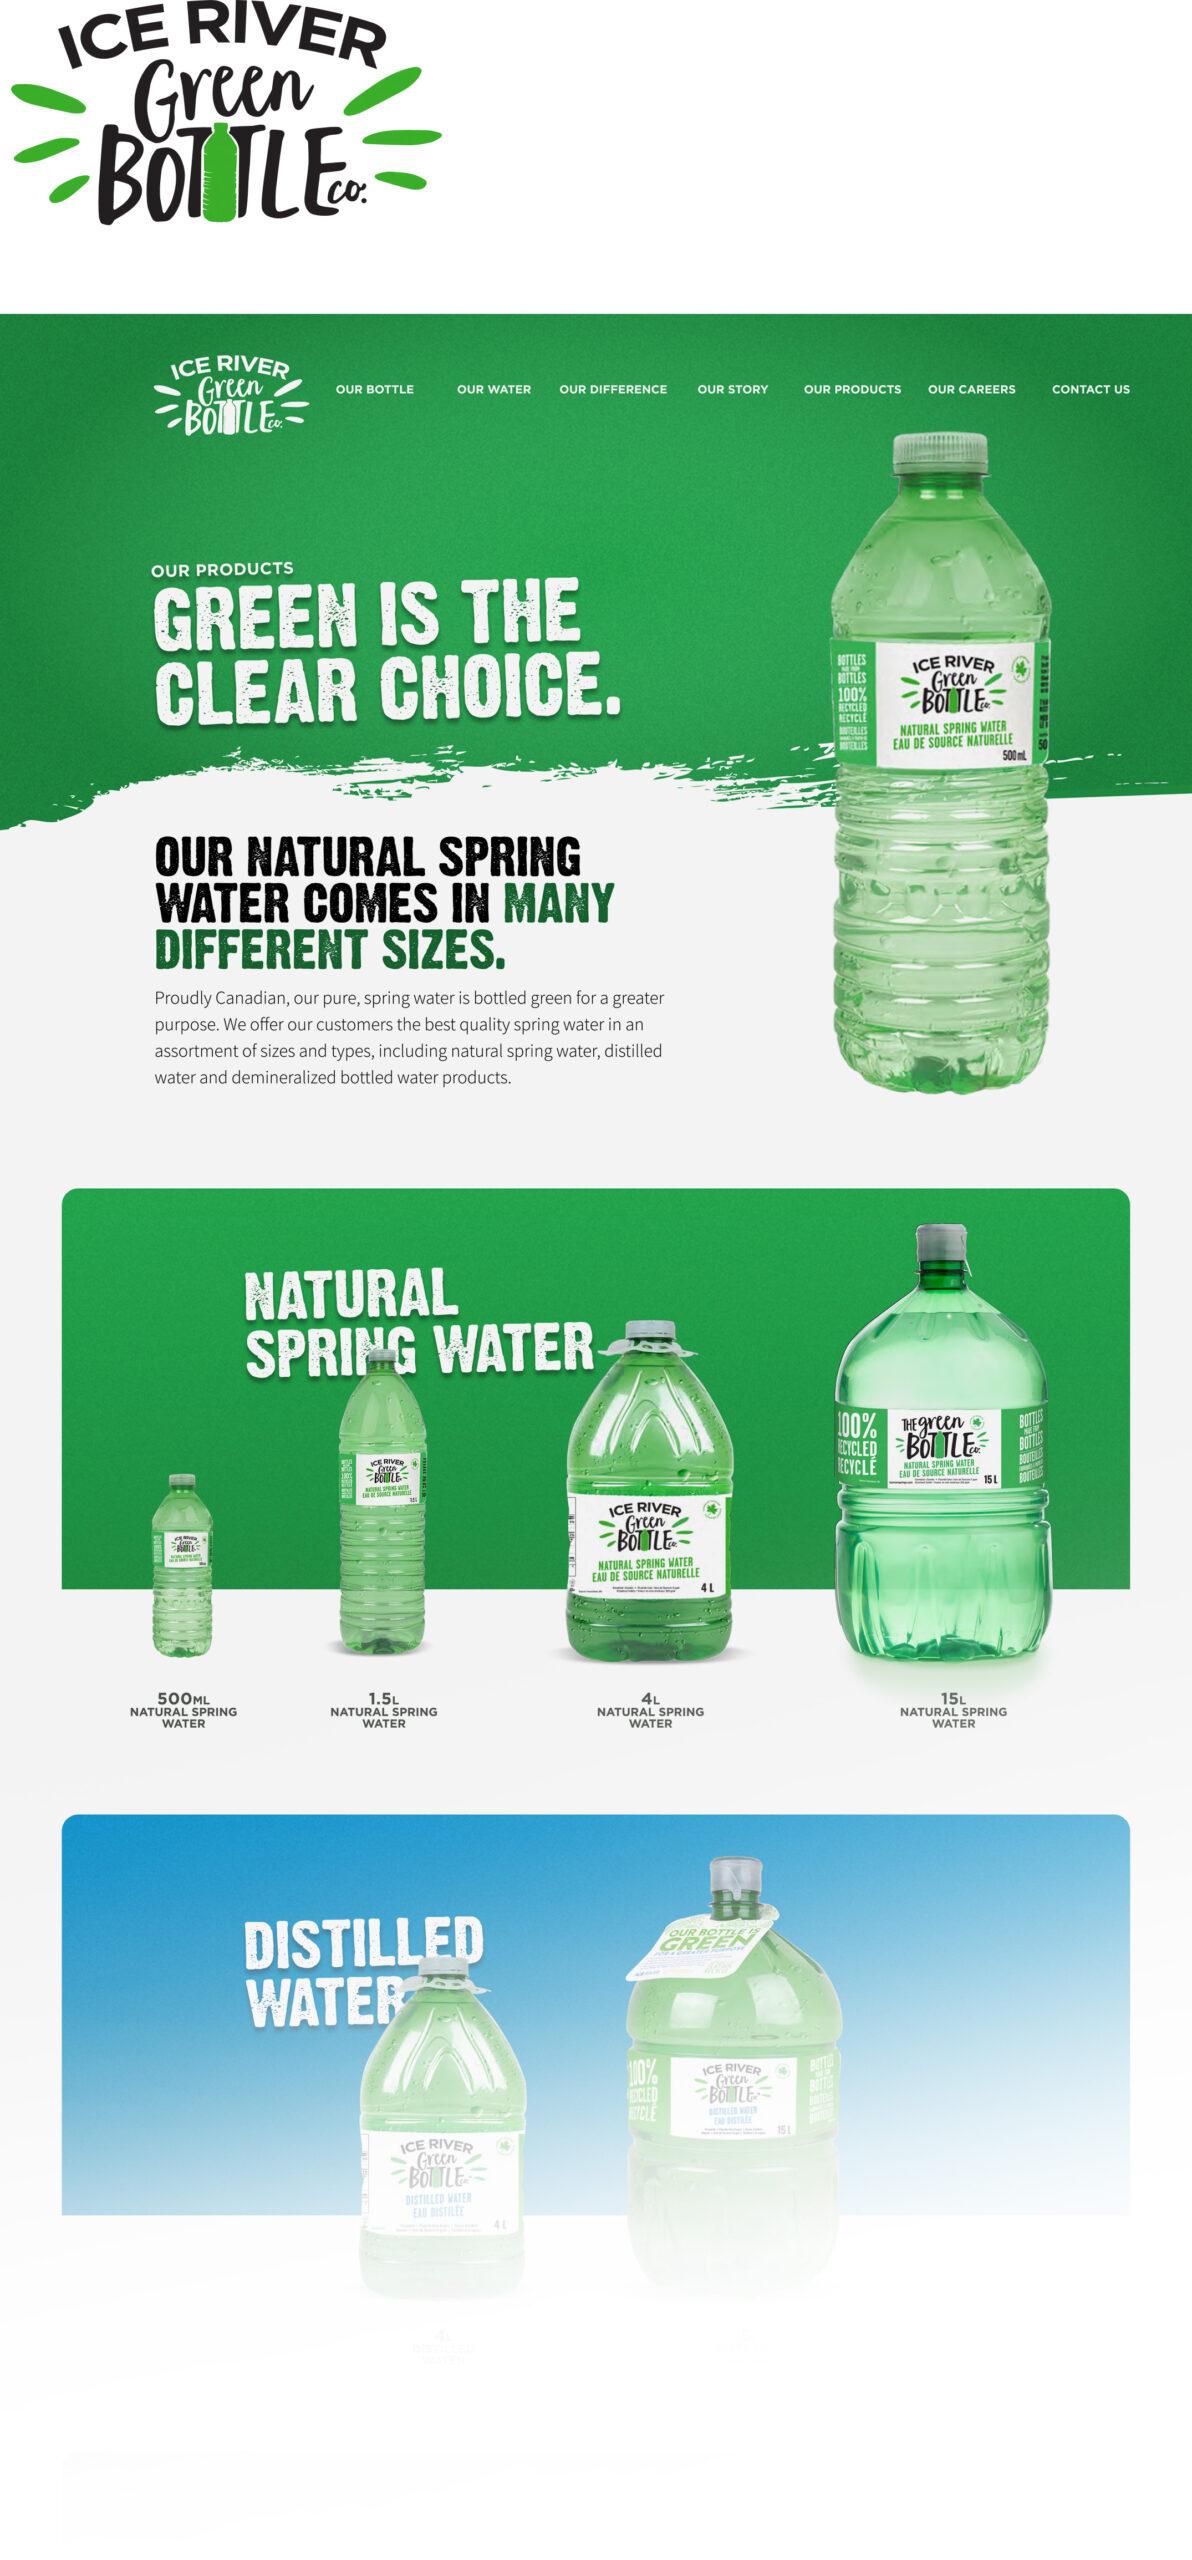 Ice River - Green Bottle website